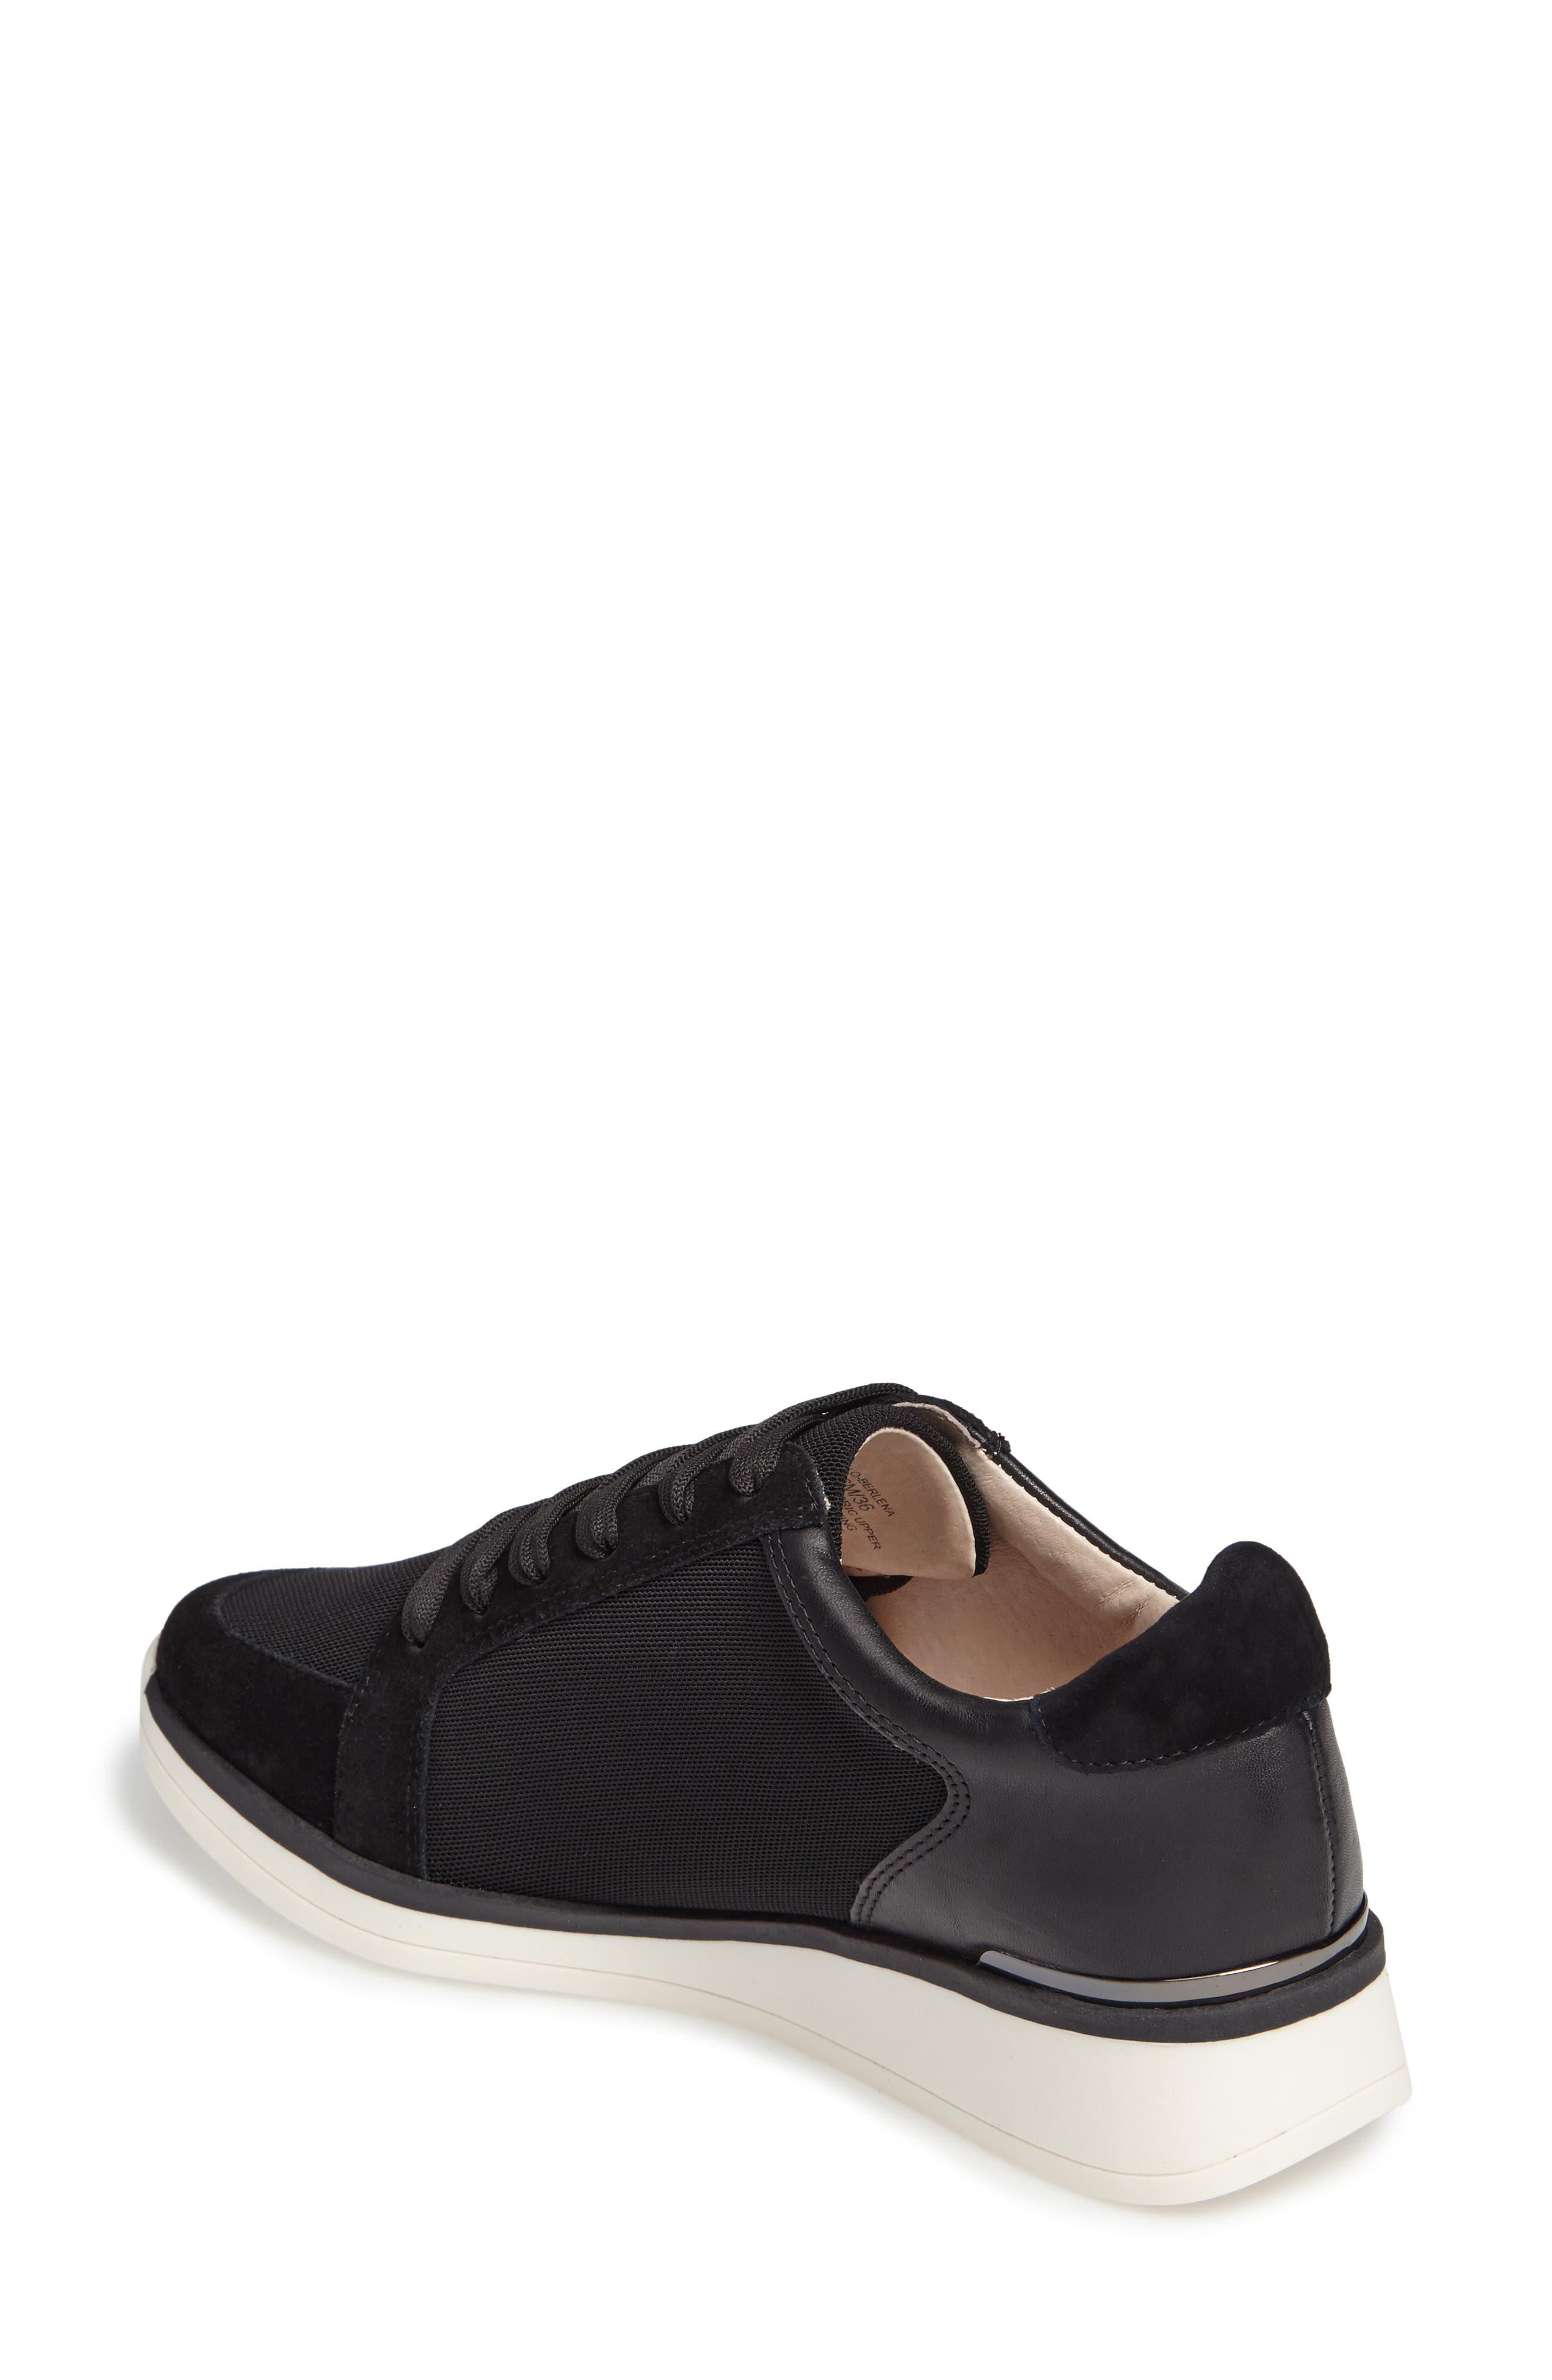 Berlena Sneaker,                             Alternate thumbnail 2, color,                             003